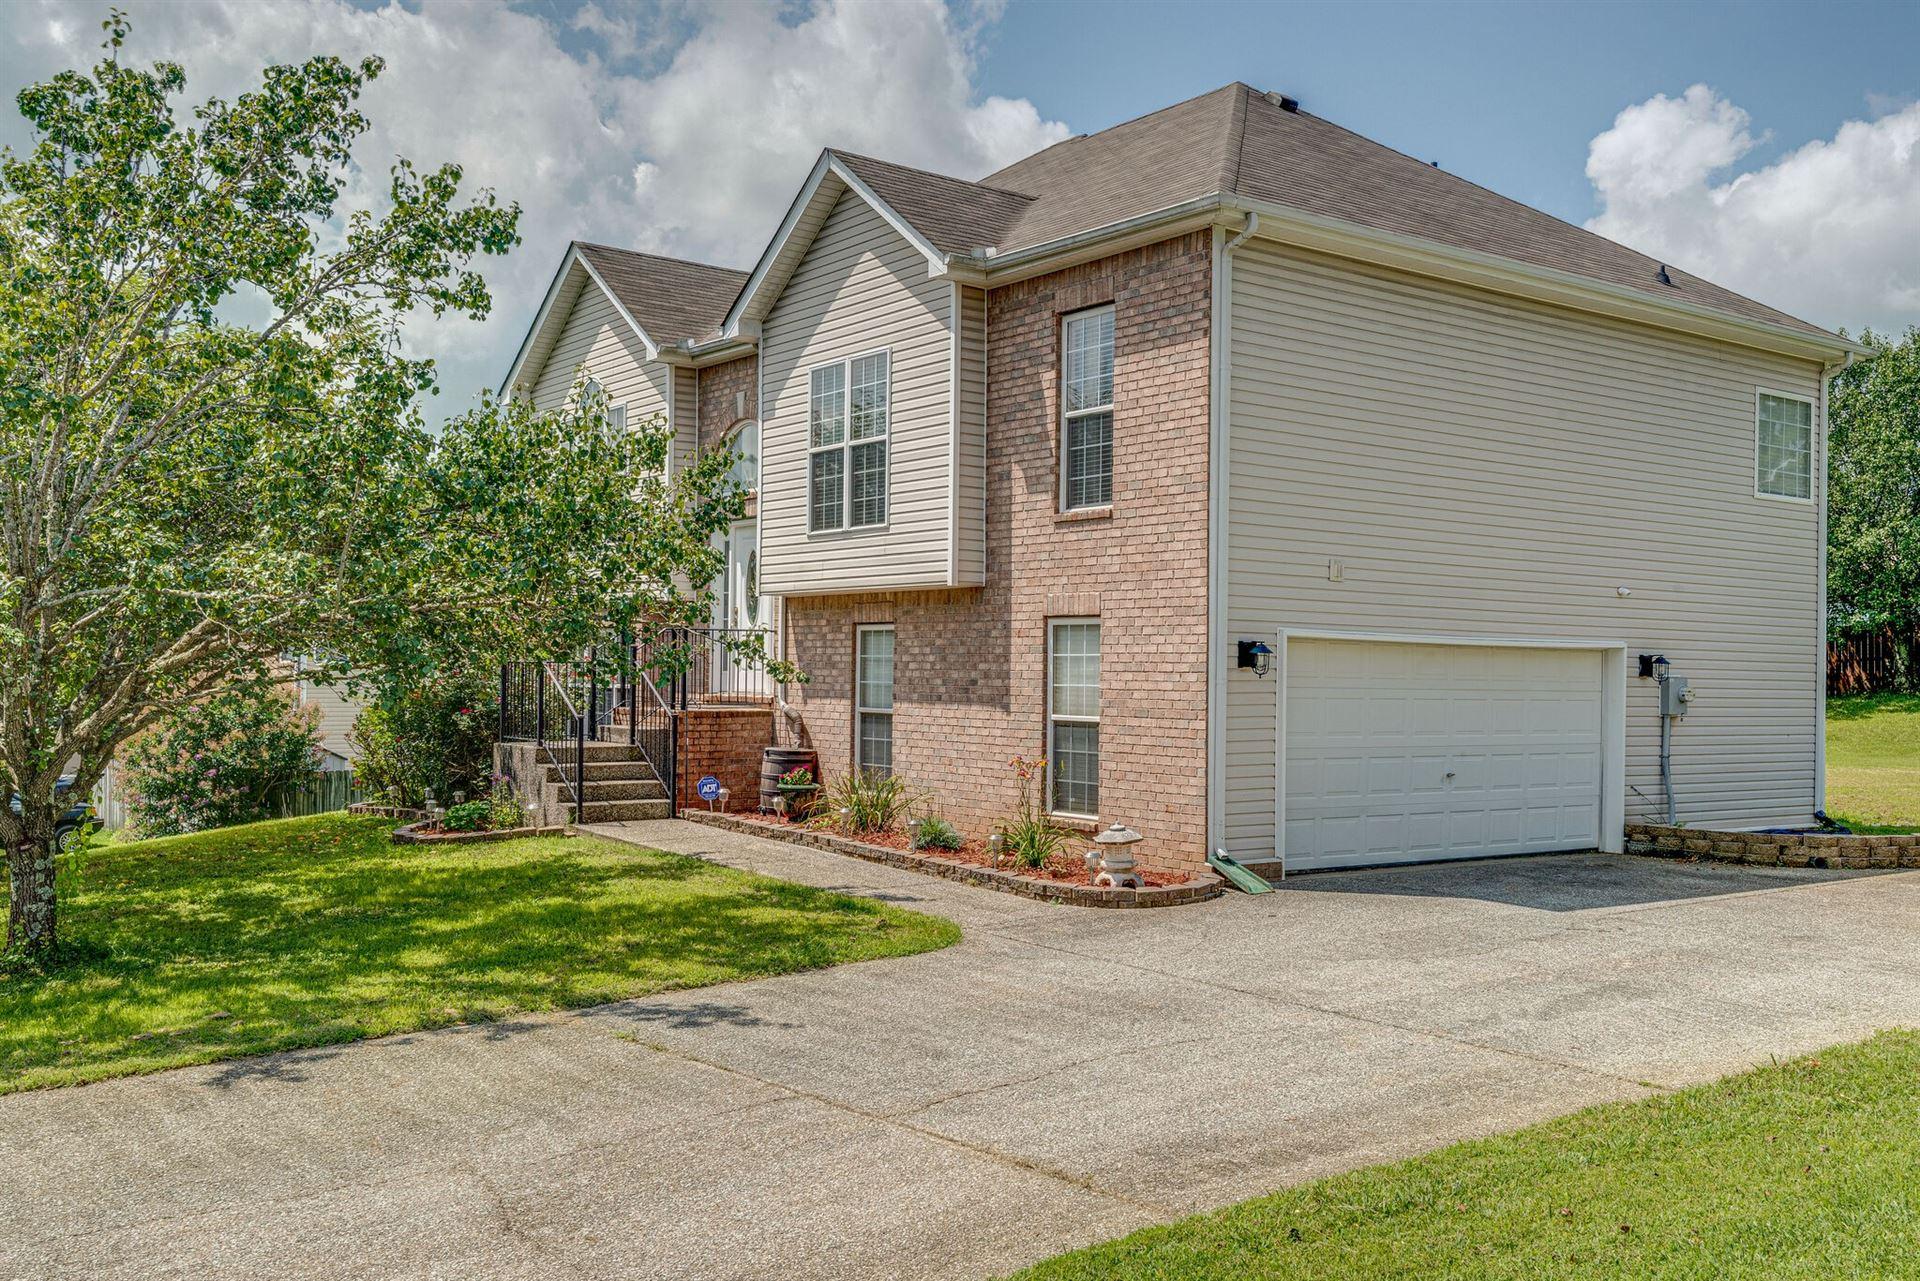 7307 Glenwood Ct, Fairview, TN 37062 - MLS#: 2176223